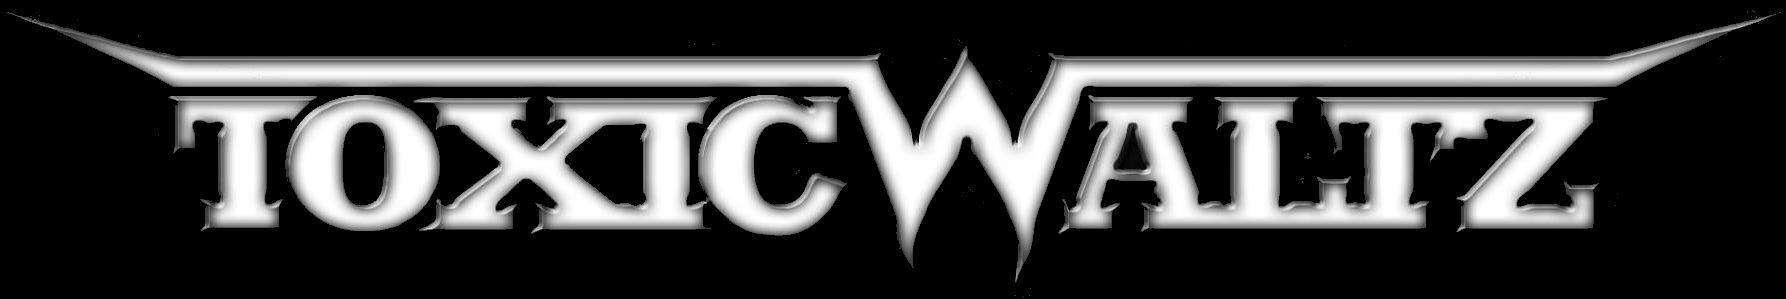 Toxic Waltz - Logo